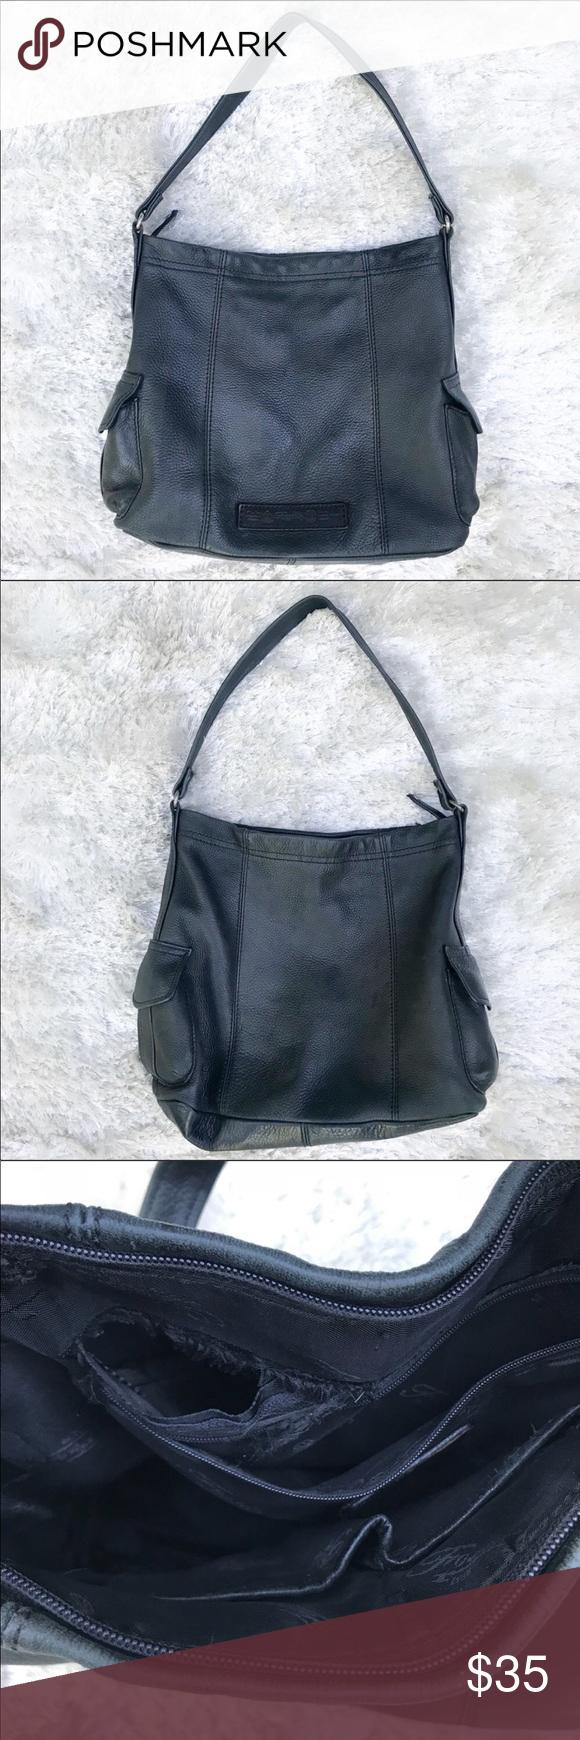 Fossil Black Leather Shoulder Bag Supple Black Leather is